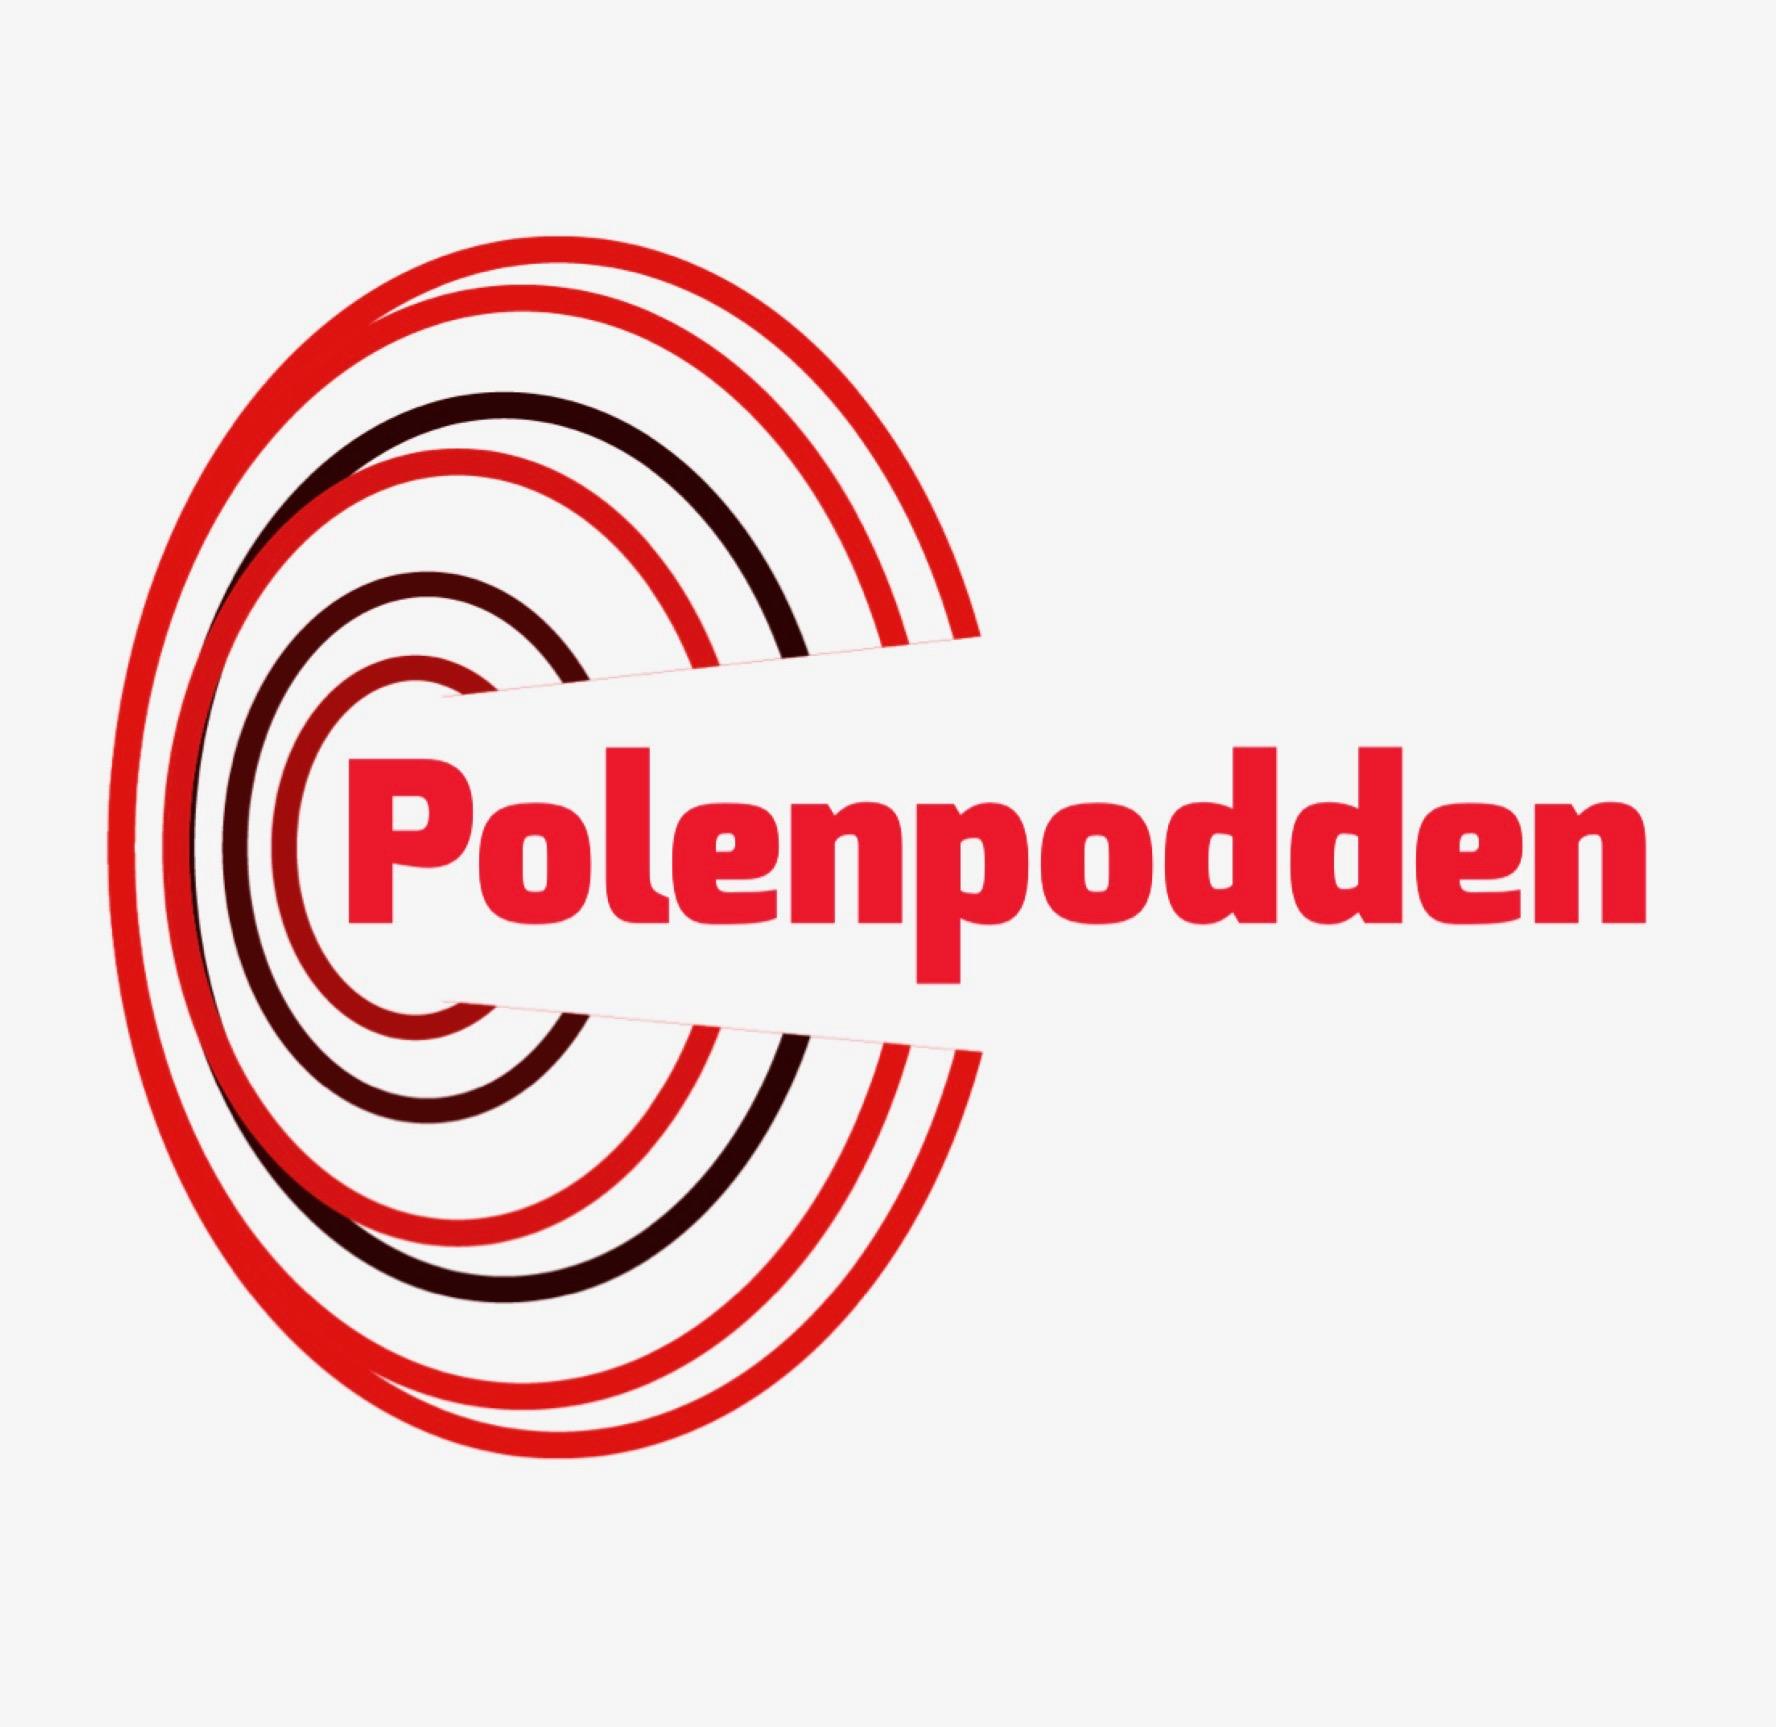 Polenpodden logo